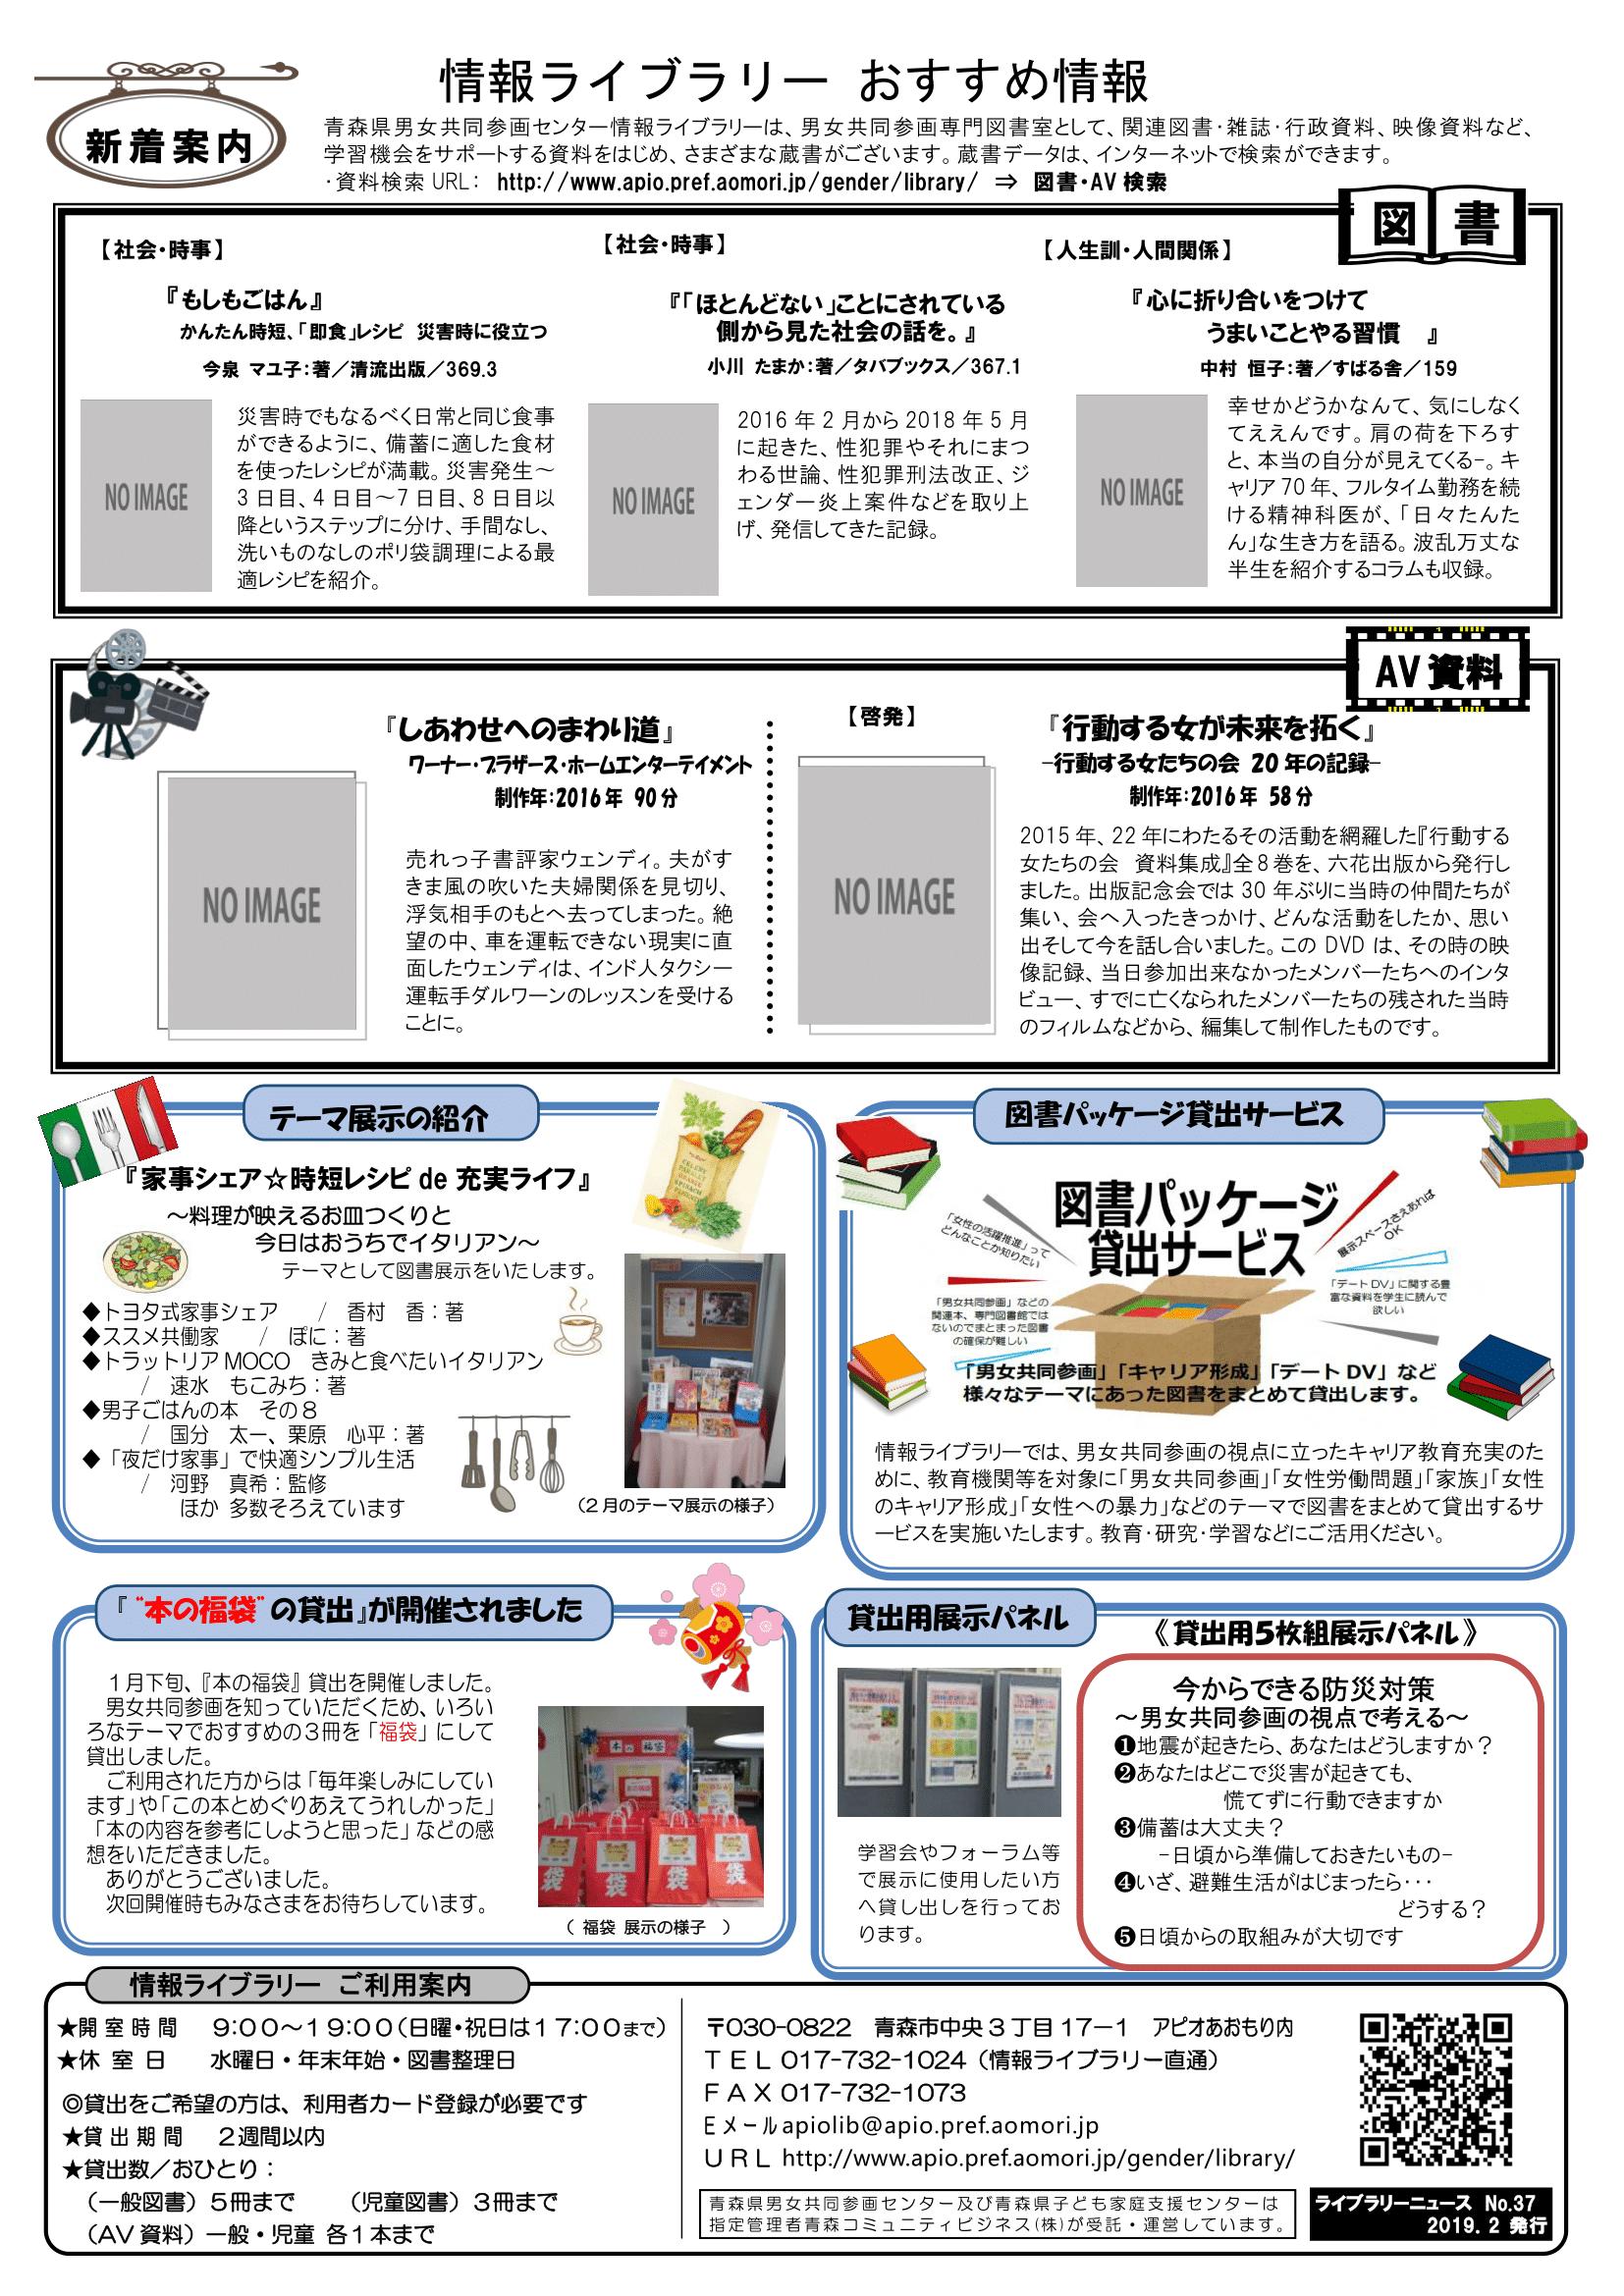 ライブラリーニュースno.37「災害に対する防災・減災力」